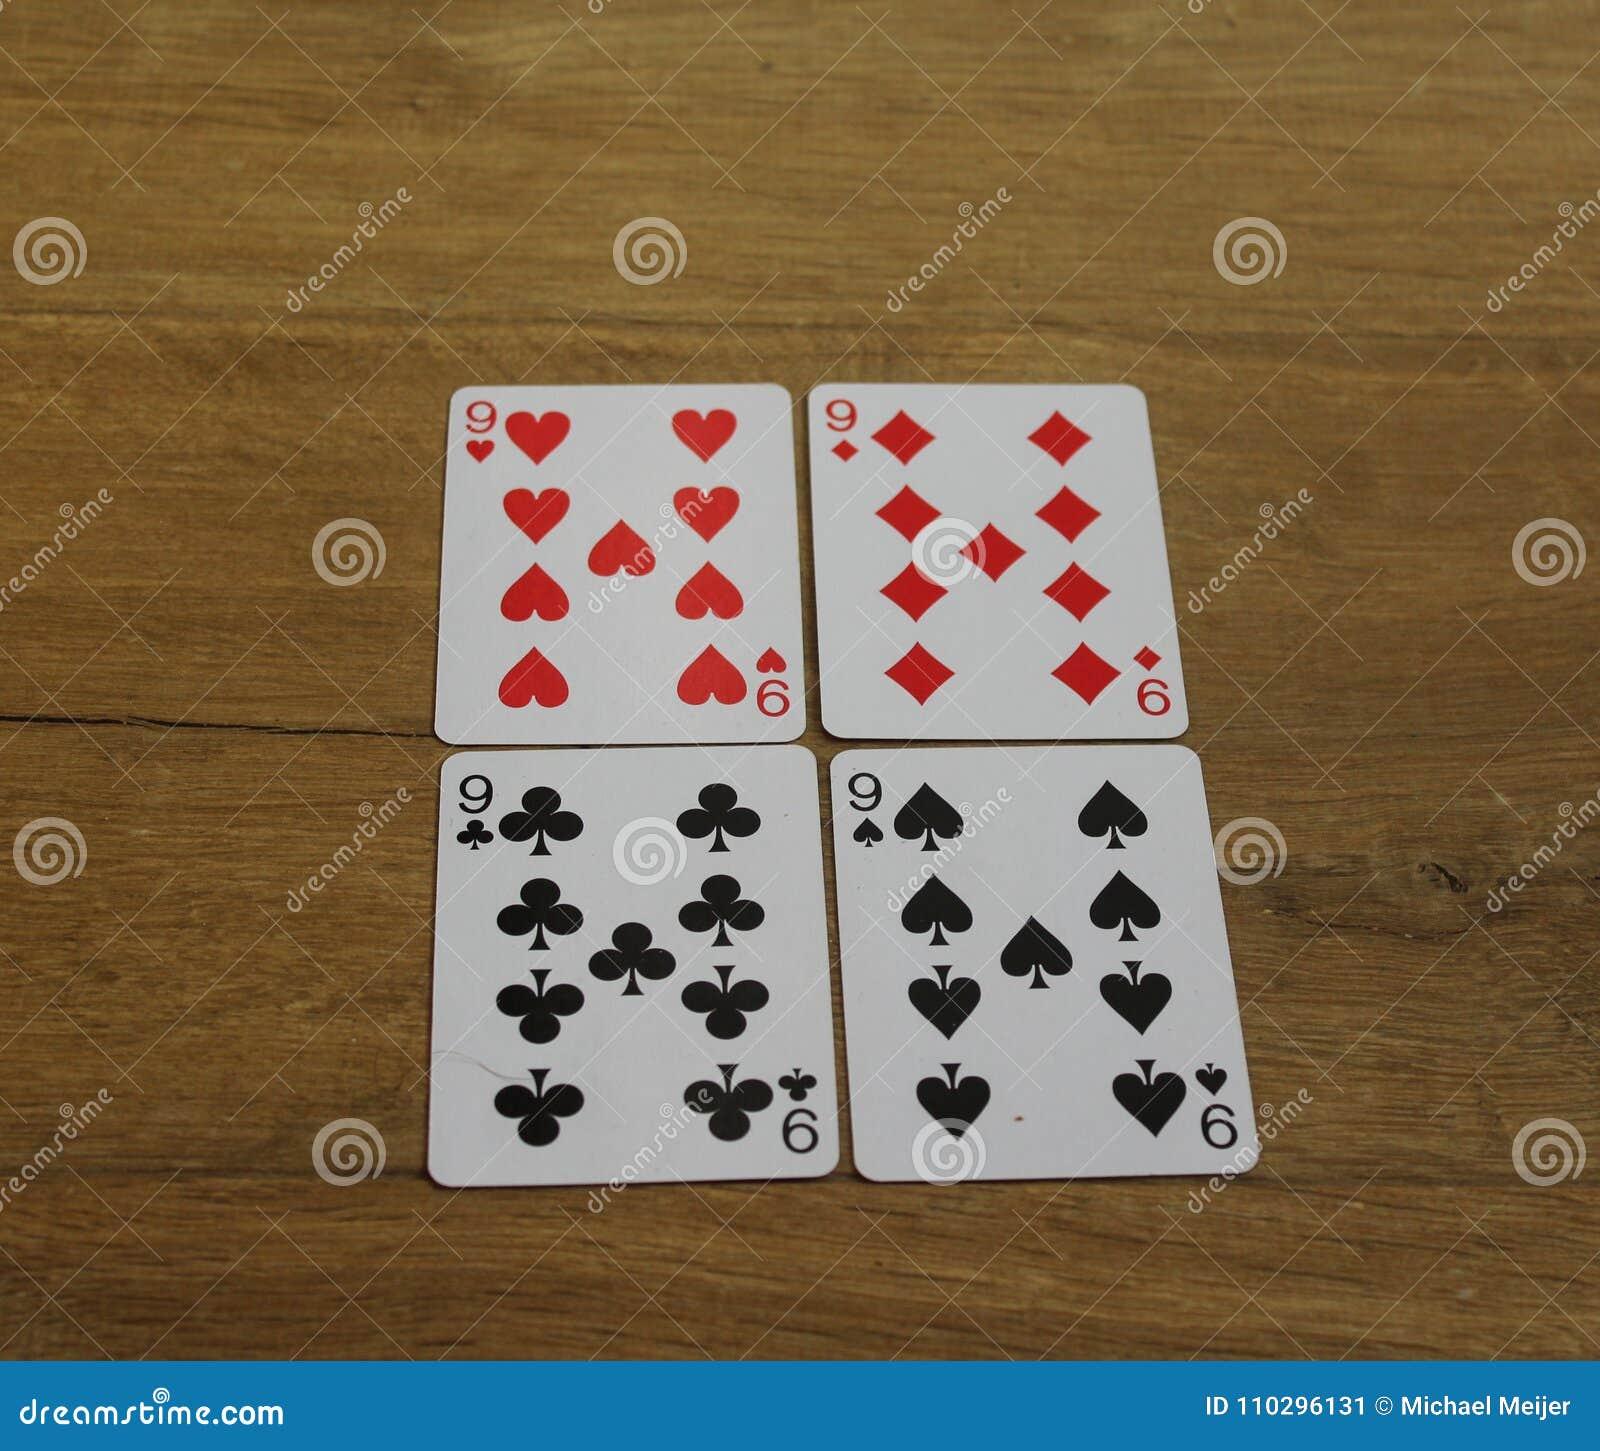 Pookkaarten op een houten backround, reeks nines van clubs, diamanten, spades, en harten